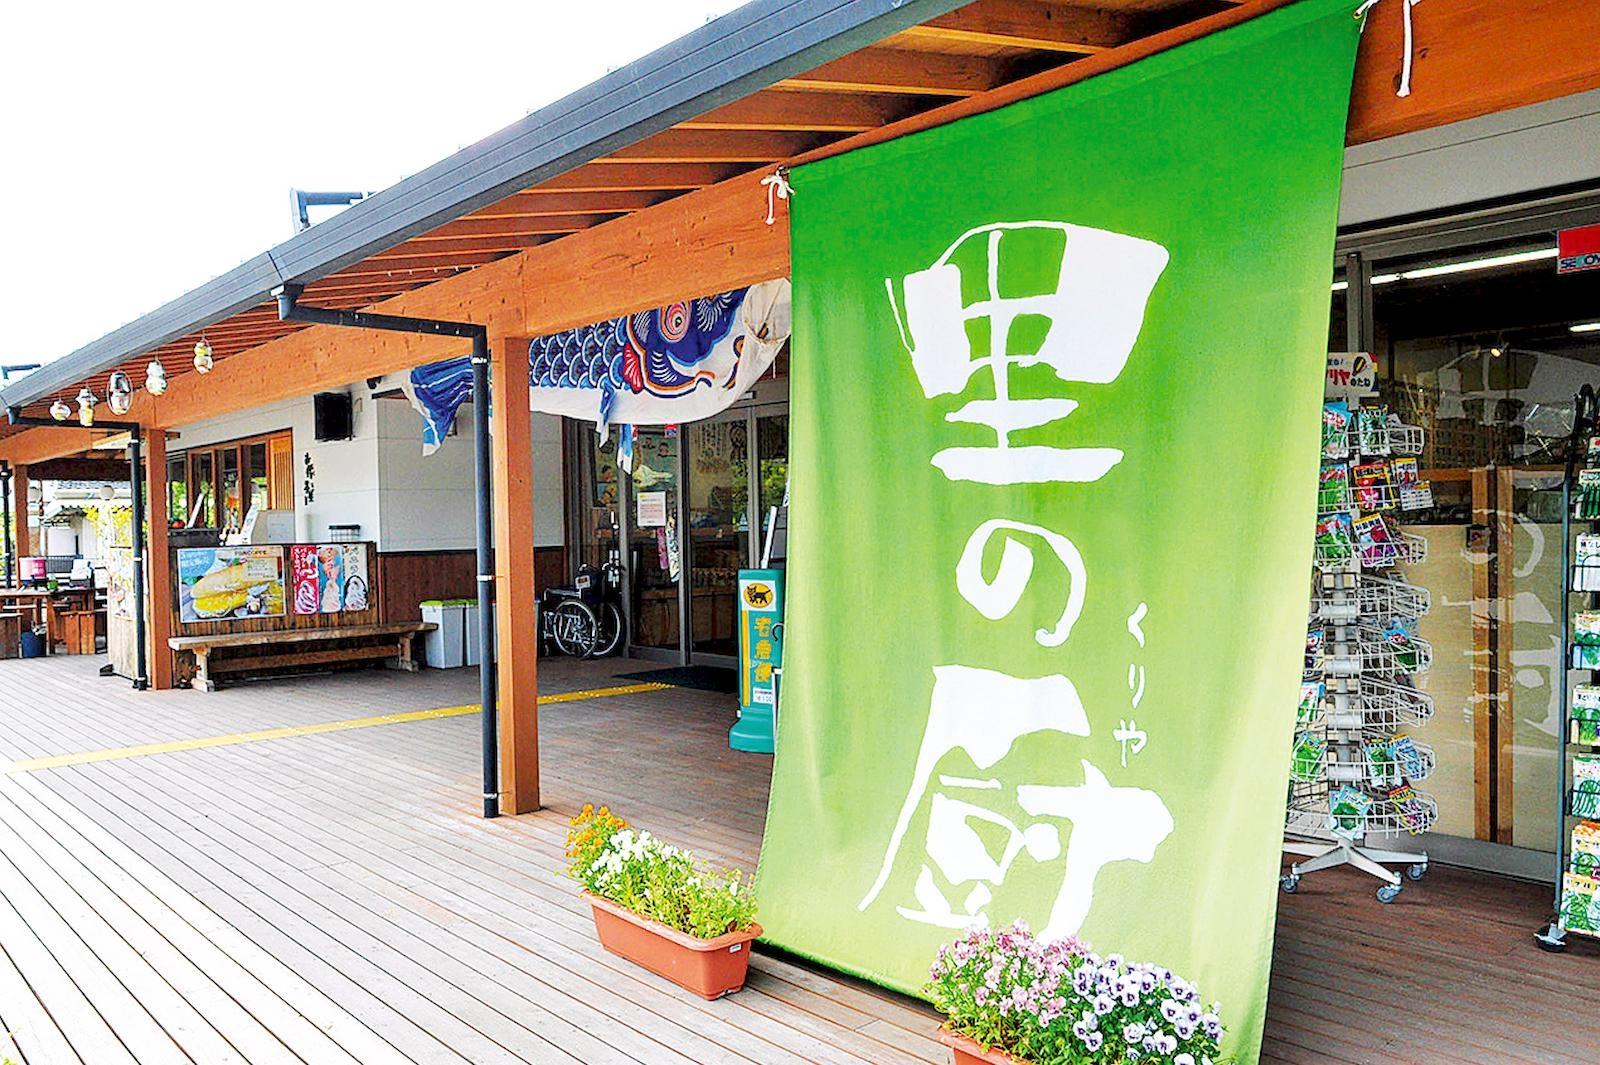 Sato-no-kuriya